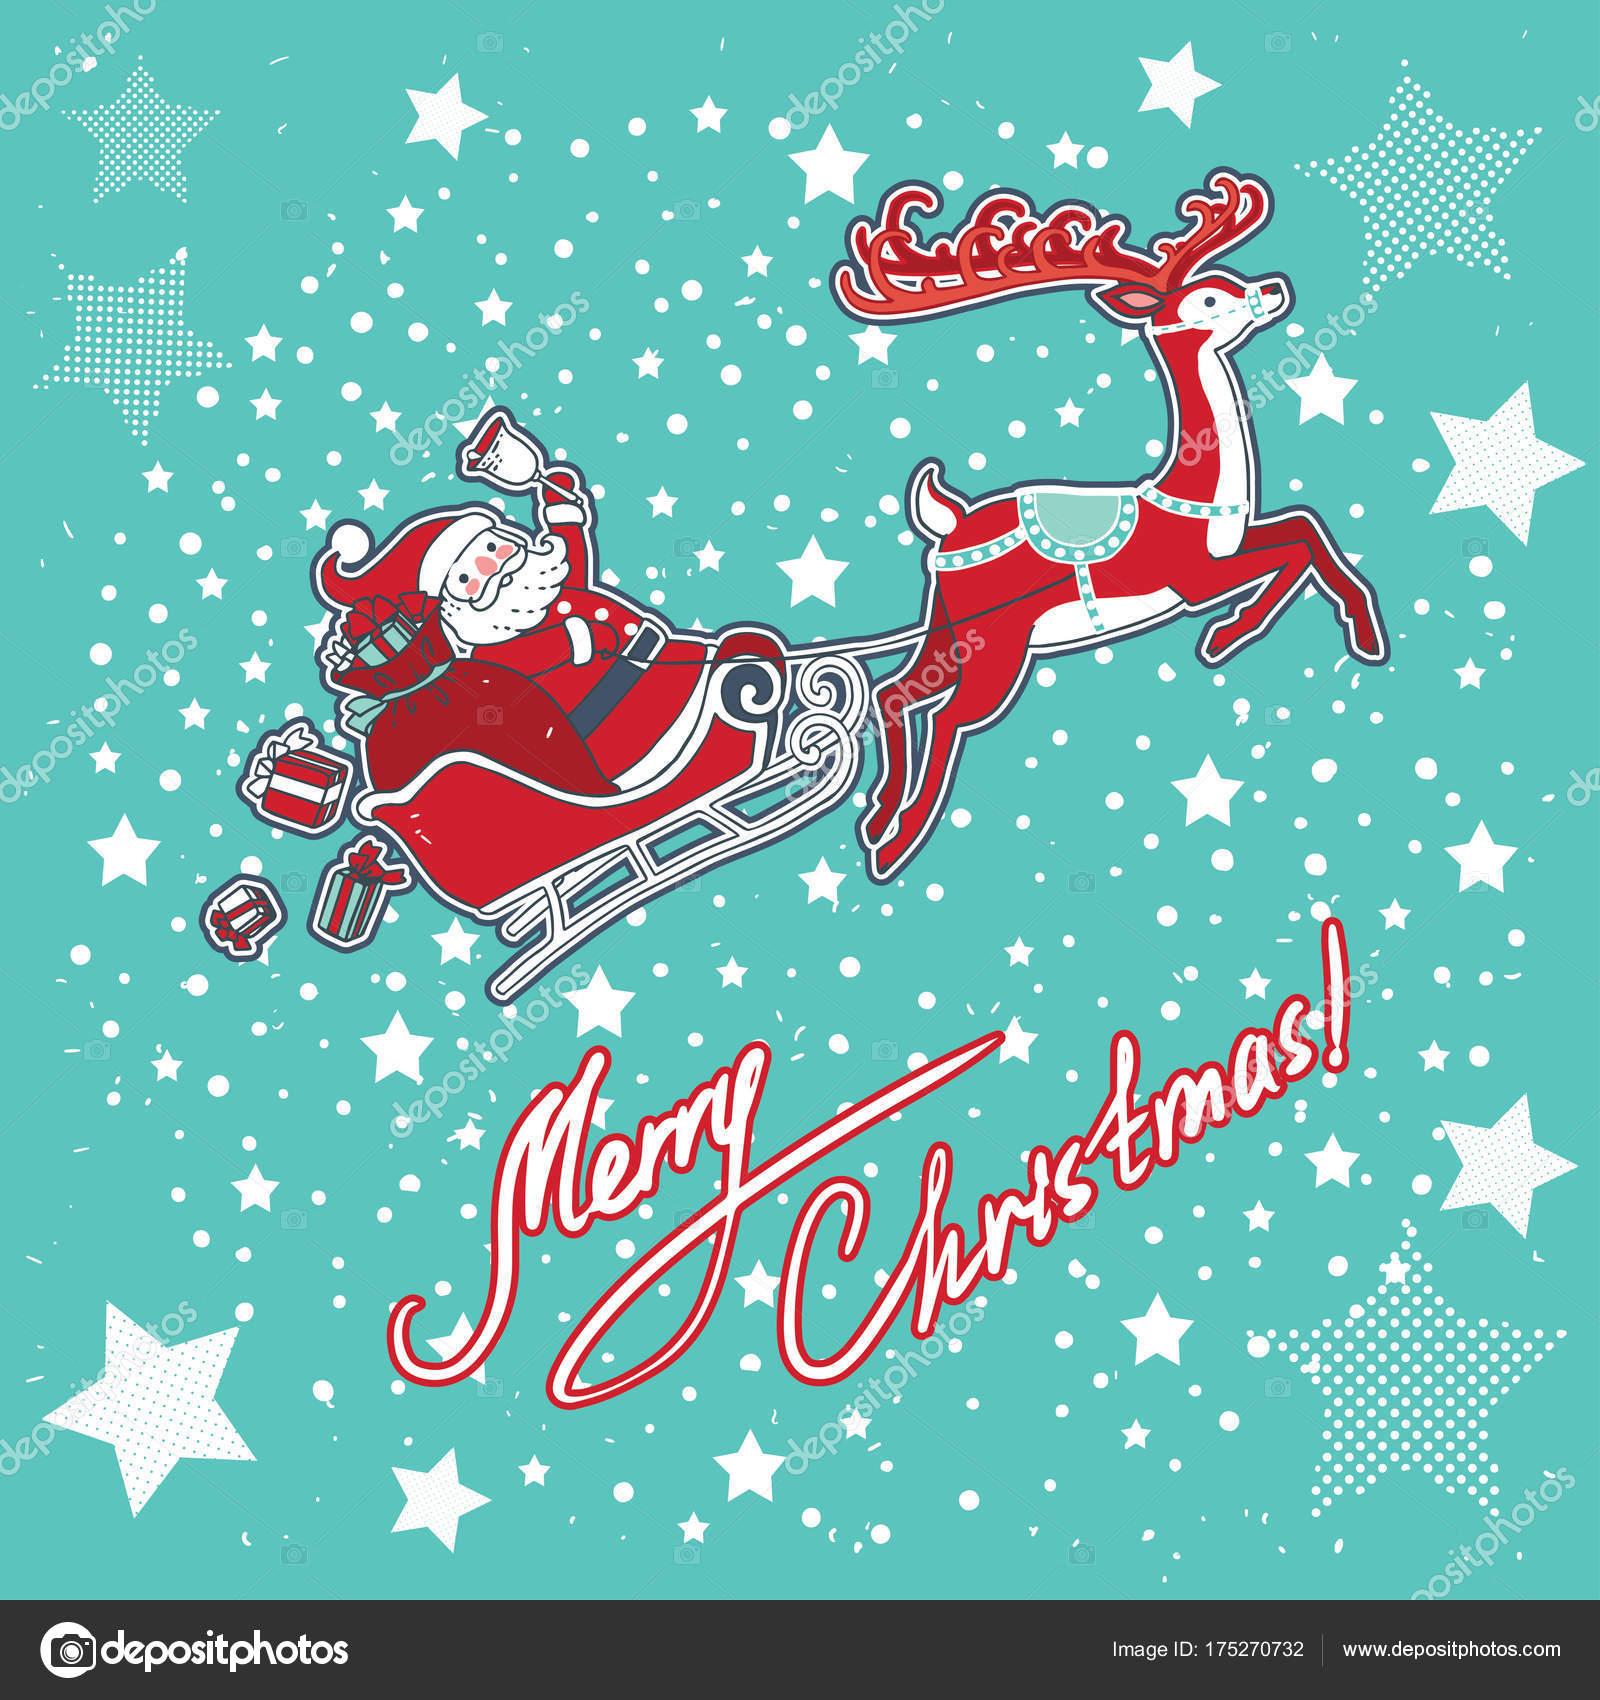 Babbo Natale Con Le Renne.Disegno Illustrazione Vettoriale Babbo Natale Sulla Slitta Con Renne